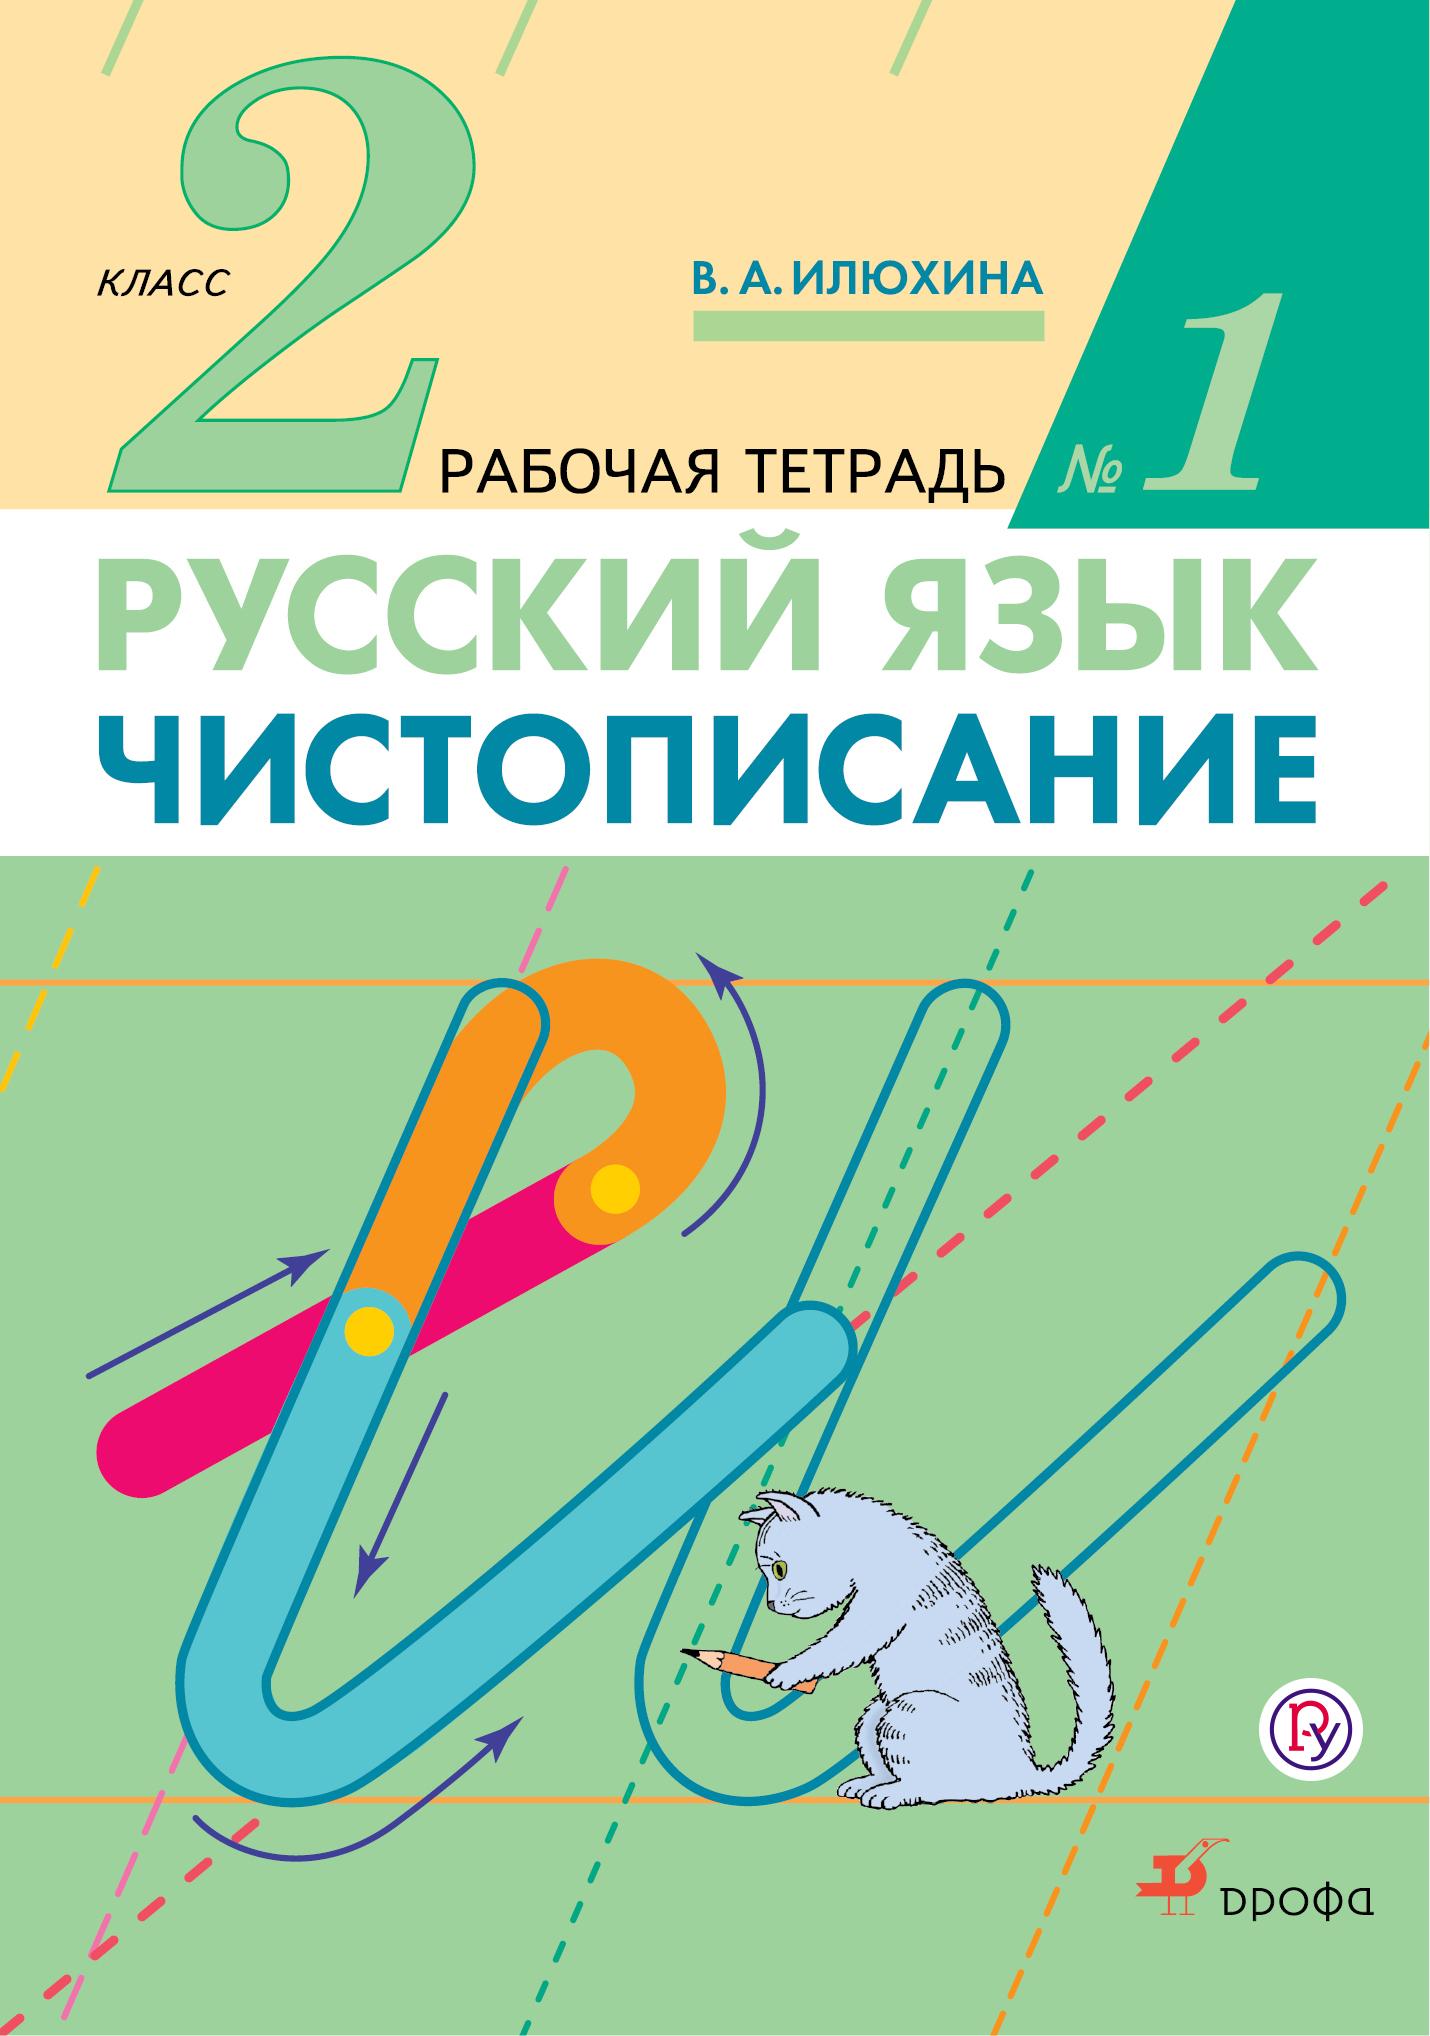 Русский язык. Чистописание. 2 класс. Рабочая тетрадь № 1